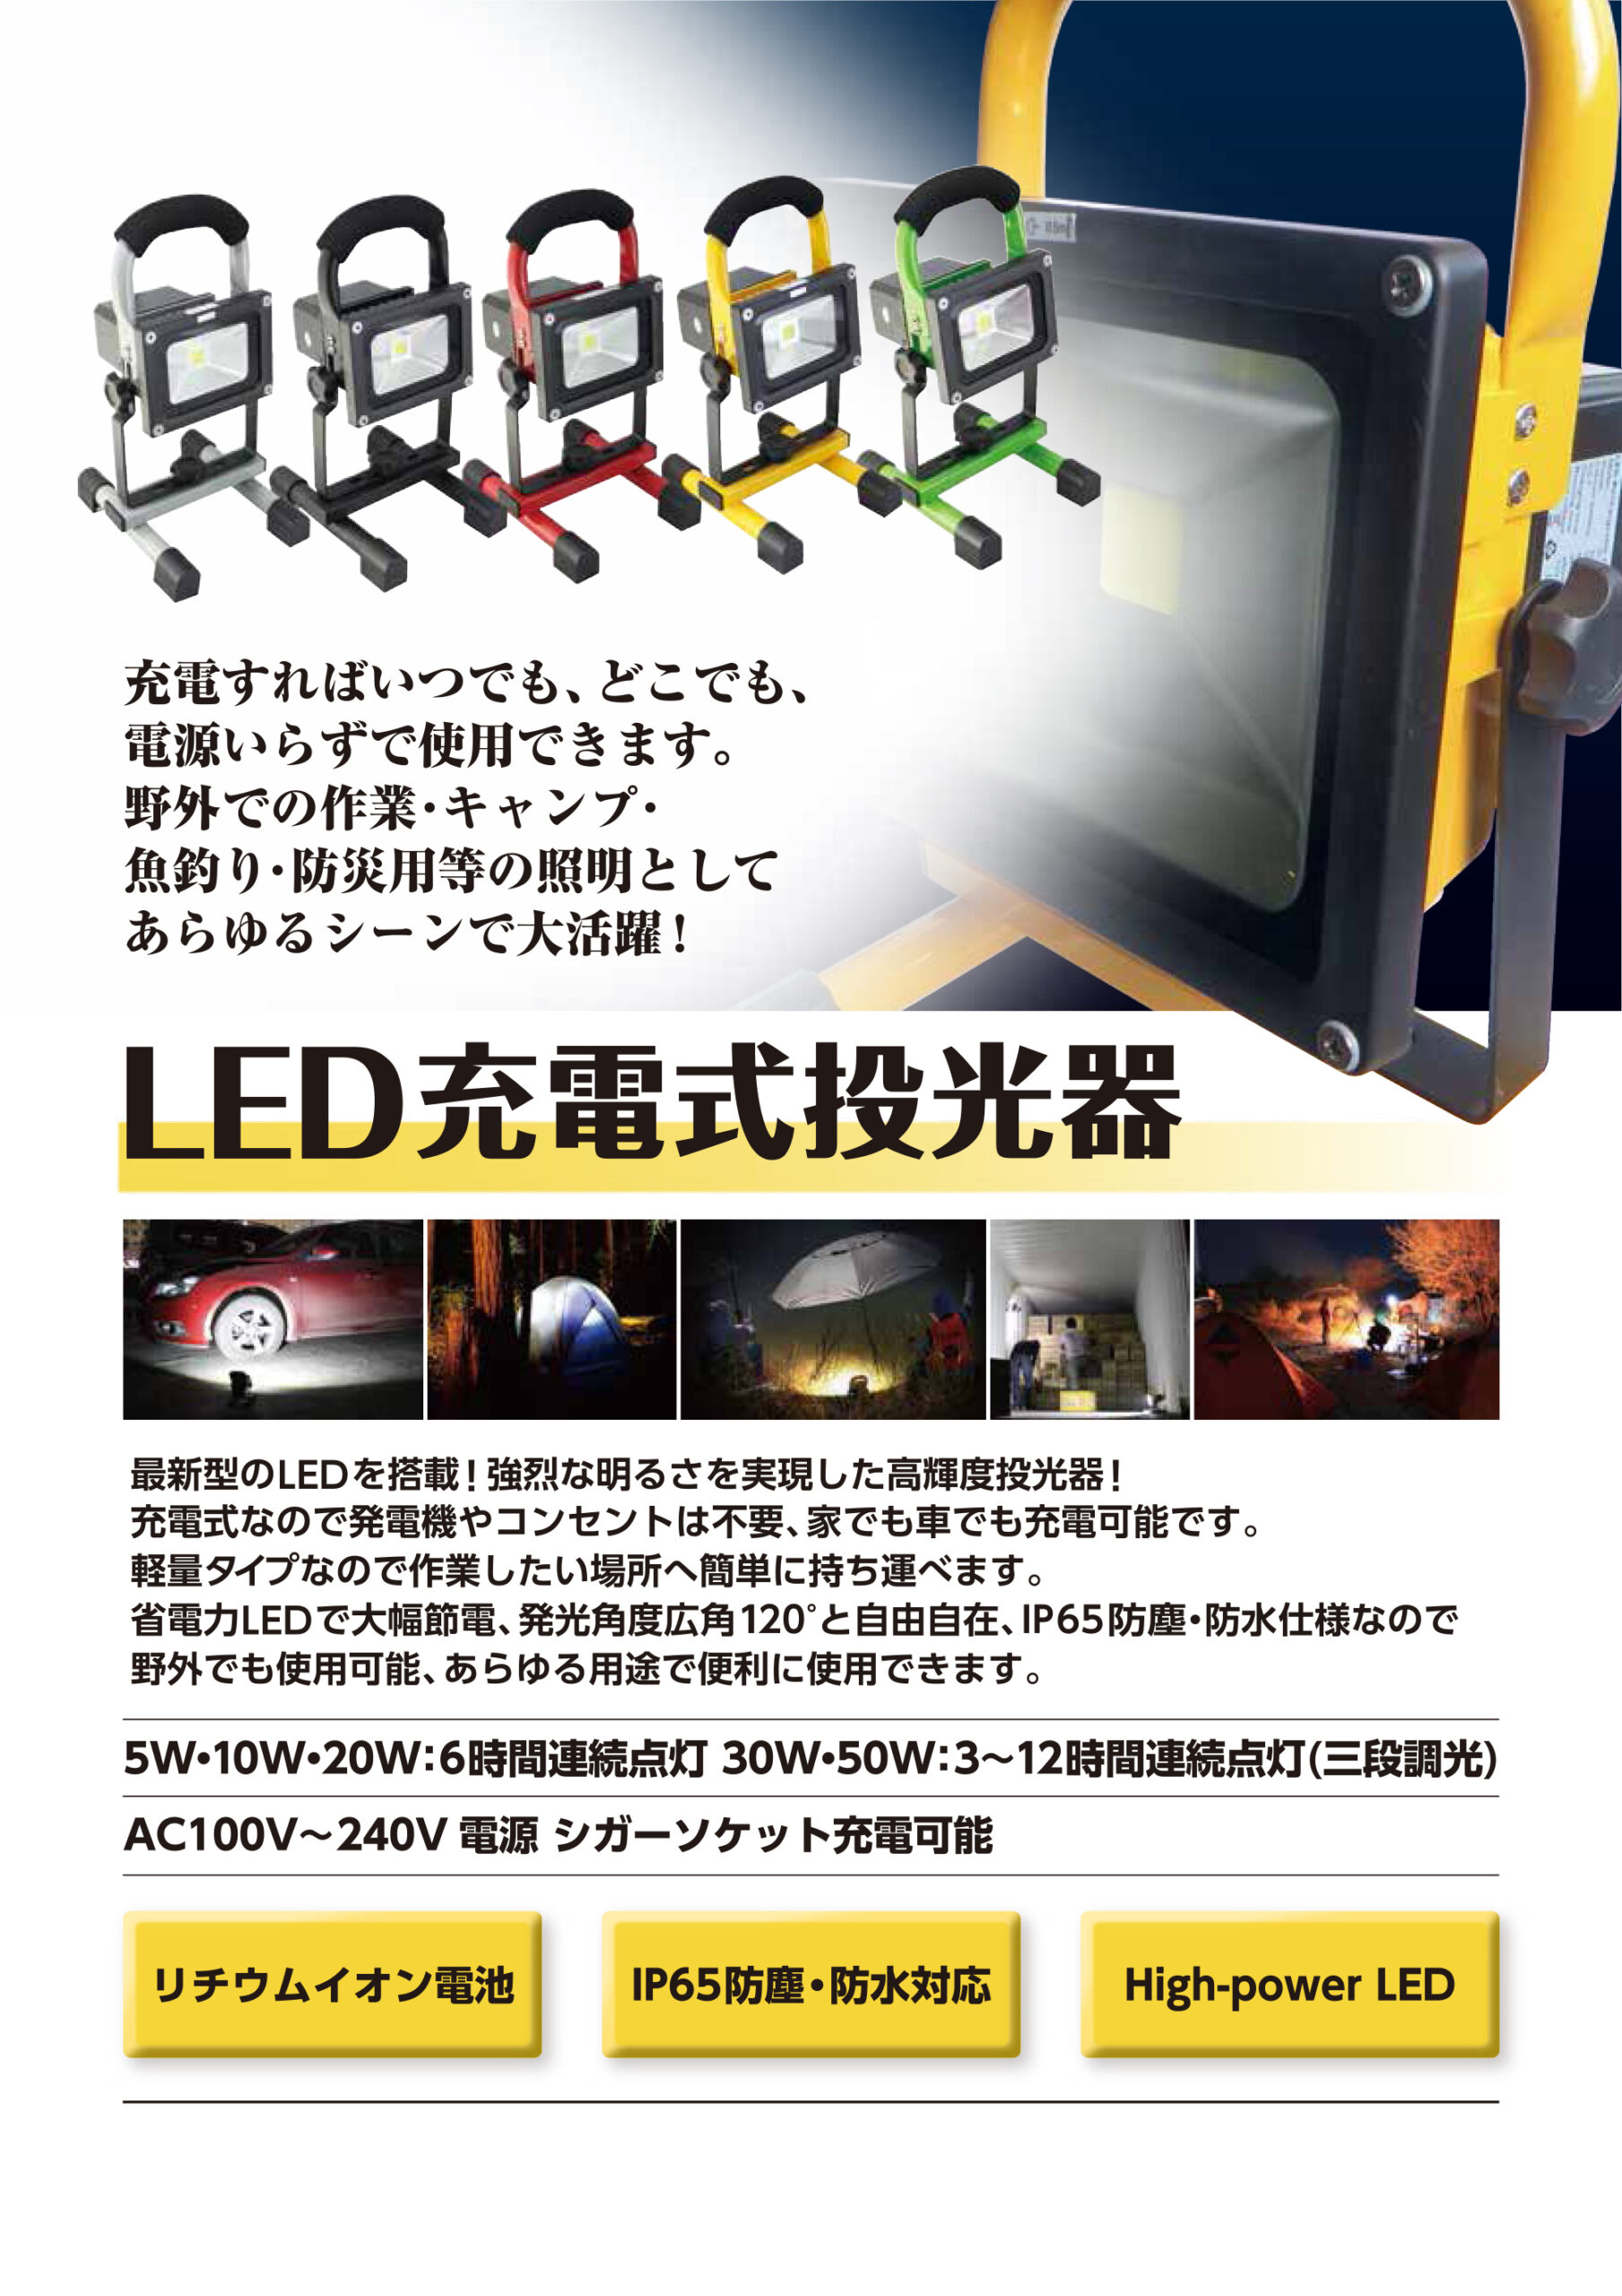 充電すればいつでも、どこでも、電源いらずで使用できます。野外での作業・キャンプ・魚釣り・防災用等の照明としてあらゆるシーンで大活躍!LED充電式投光器最新型のLED を搭載!強烈な明るさを実現した高輝度投光器!充電式なので発電機やコンセントは不要、家でも車でも充電可能です。軽量タイプなので作業したい場所へ簡単に持ち運べます。省電力LED で大幅節電、発光角度広角120゜と自由自在、IP65 防塵•防水仕様なので野外でも使用可能、あらゆる用途で便利に使用できます。SW•10W•20W:6時閾運練点灯30W•SOW:3-12 時間運続点灯(三段調光)AC100V-240V 電源シガーソケット充電可能リチウムイオン電池IP65 防塵•防水対応High-power LED